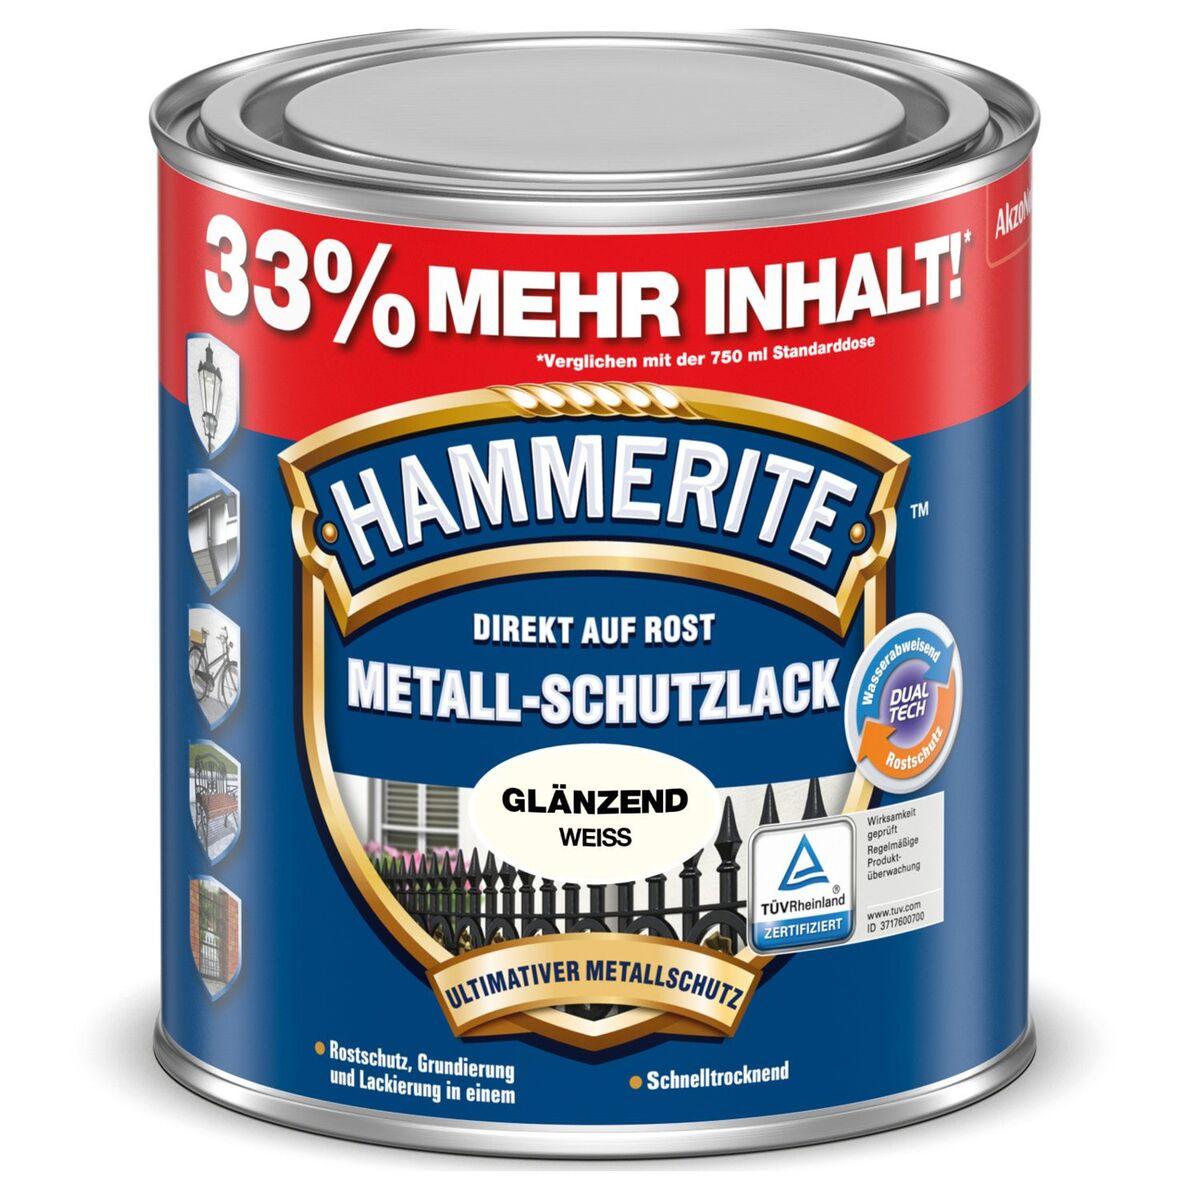 Bild 3 von HAMMERITE™ Metall-Schutzlack 1 l